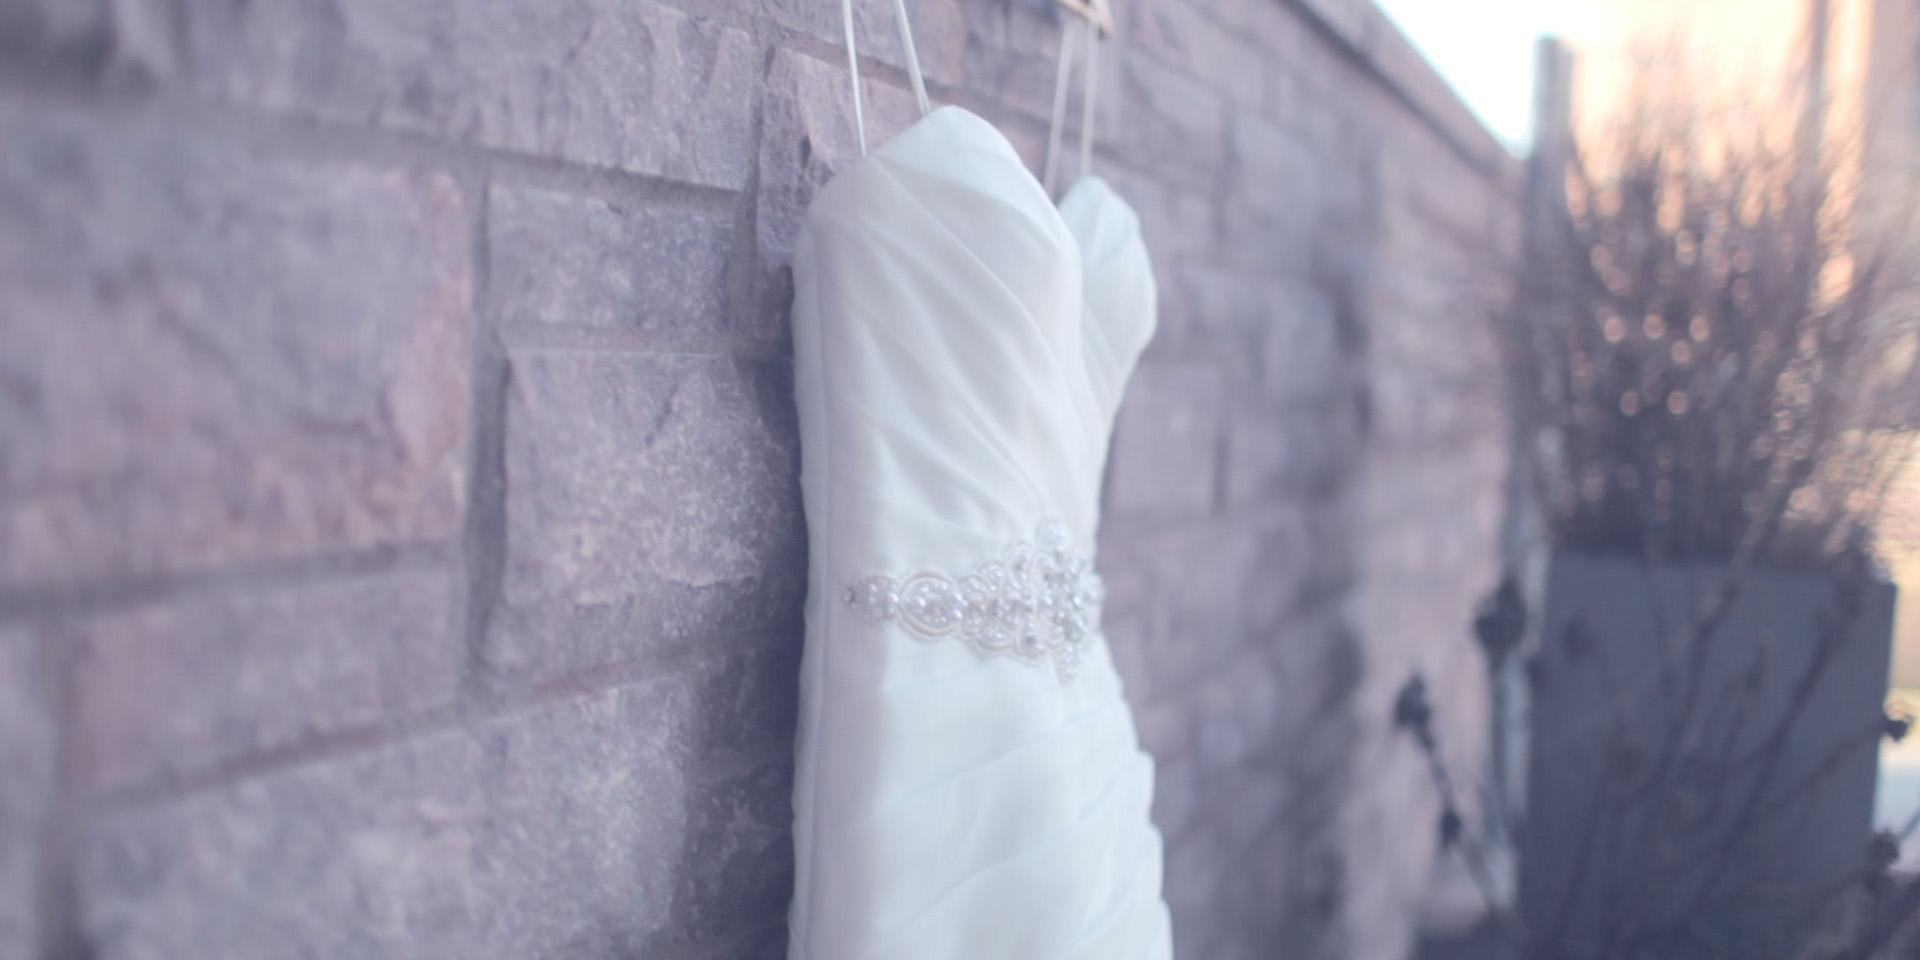 wedding story.00_02_01_09.Still003.jpg